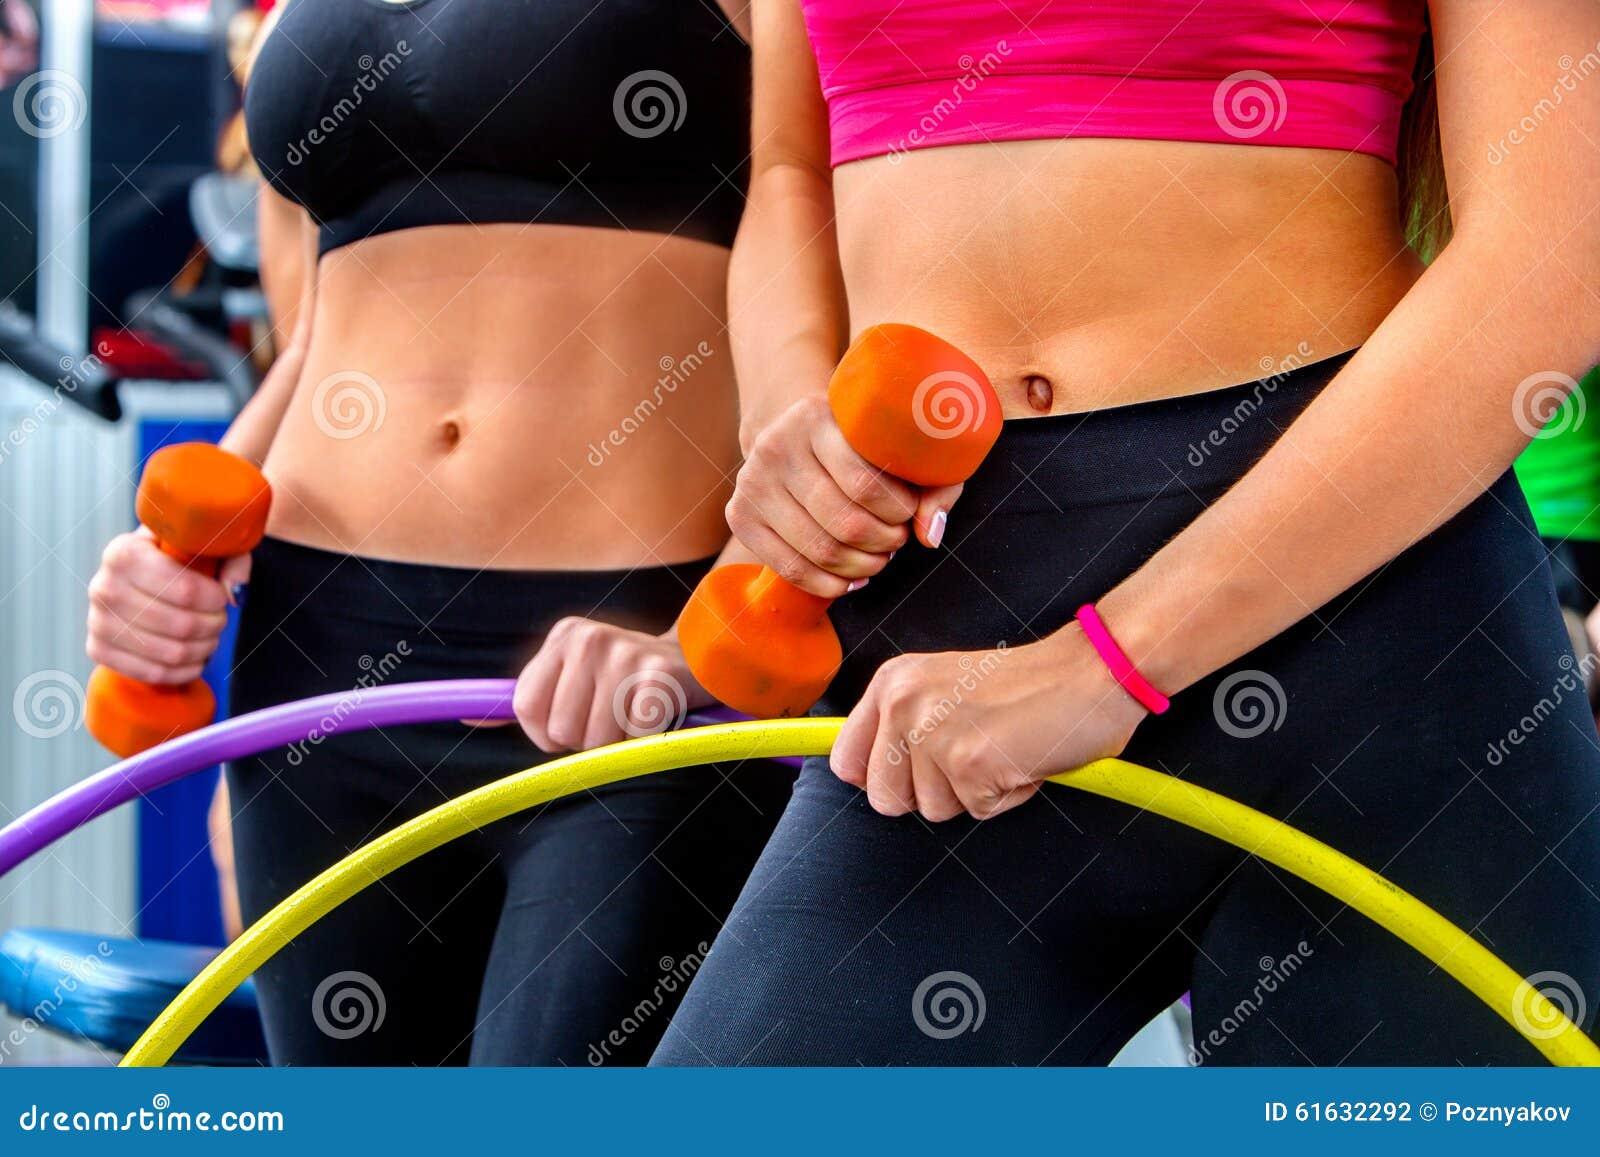 γυναίκες μοντέλα γυμναστικής γυμνό